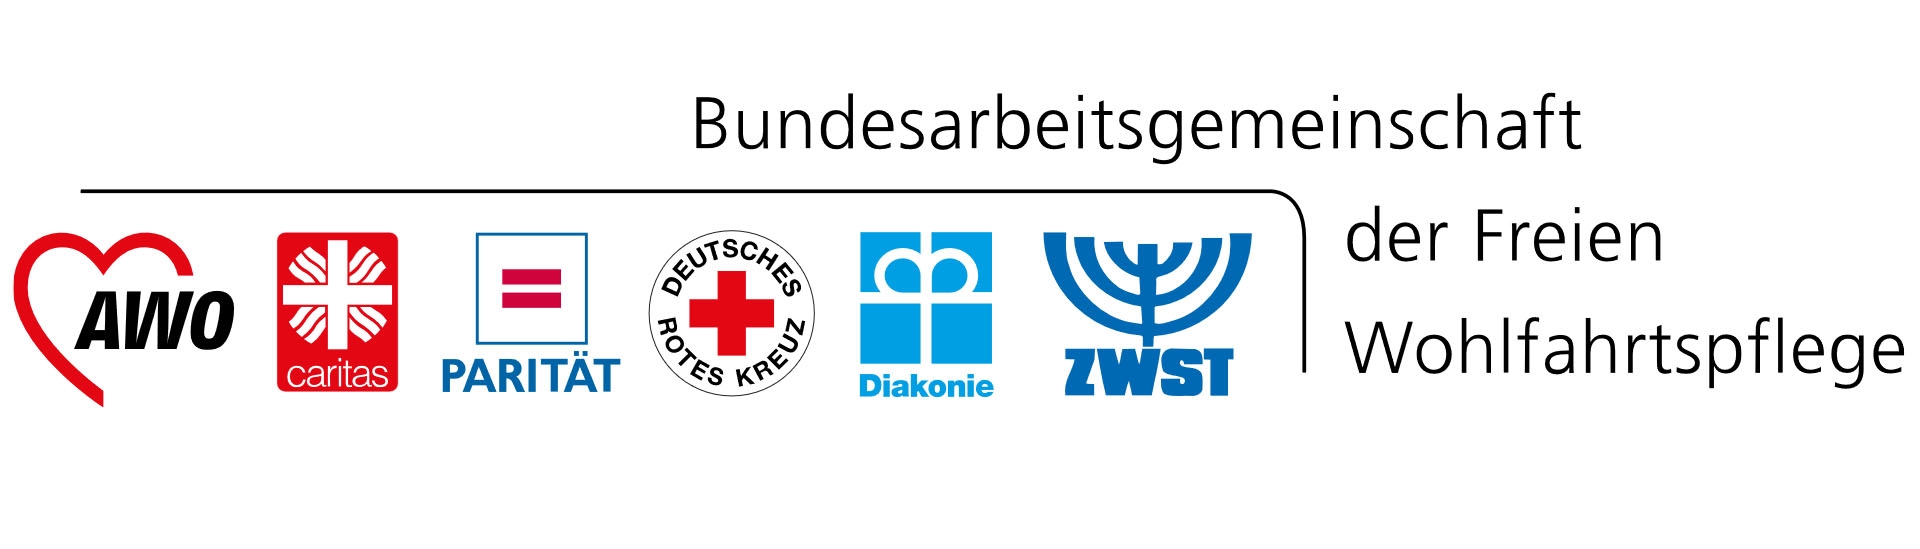 Bundesarbeitsgemeinschaft der Freien Wohlfahrtsplege